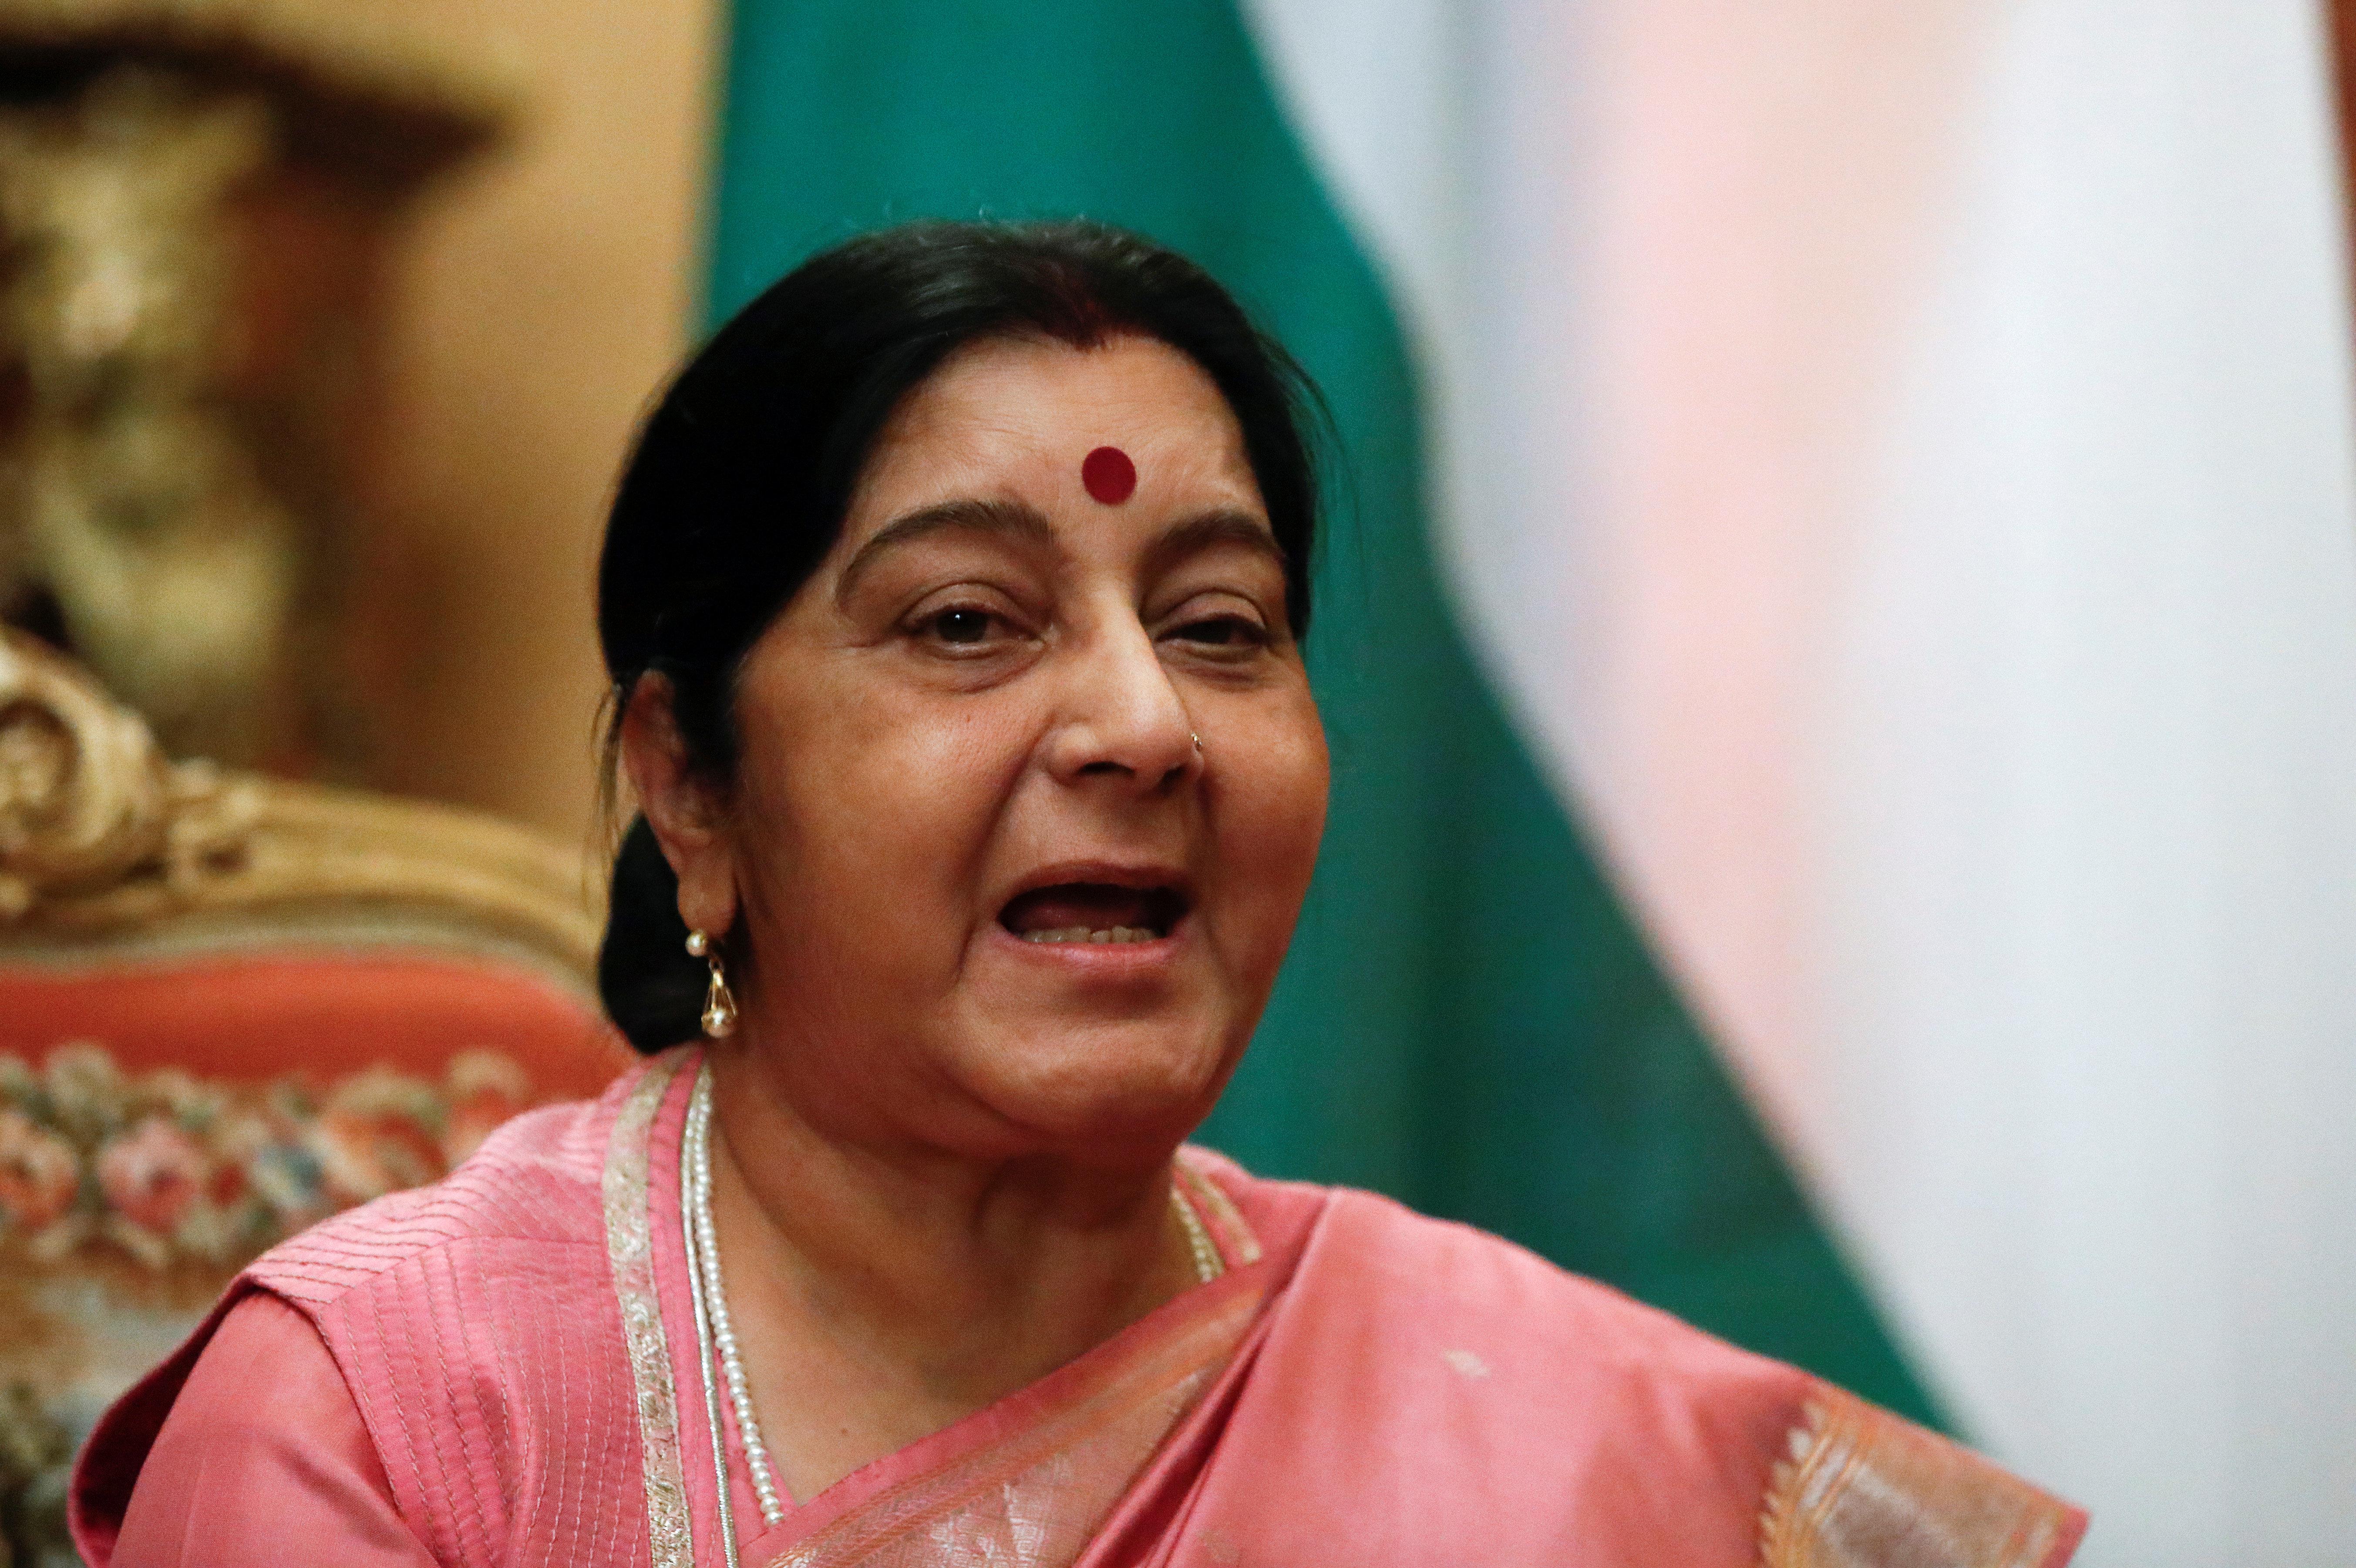 Quand une tunisienne de 31 ans impressionne la ministre indienne des Affaires étrangères,Sushma